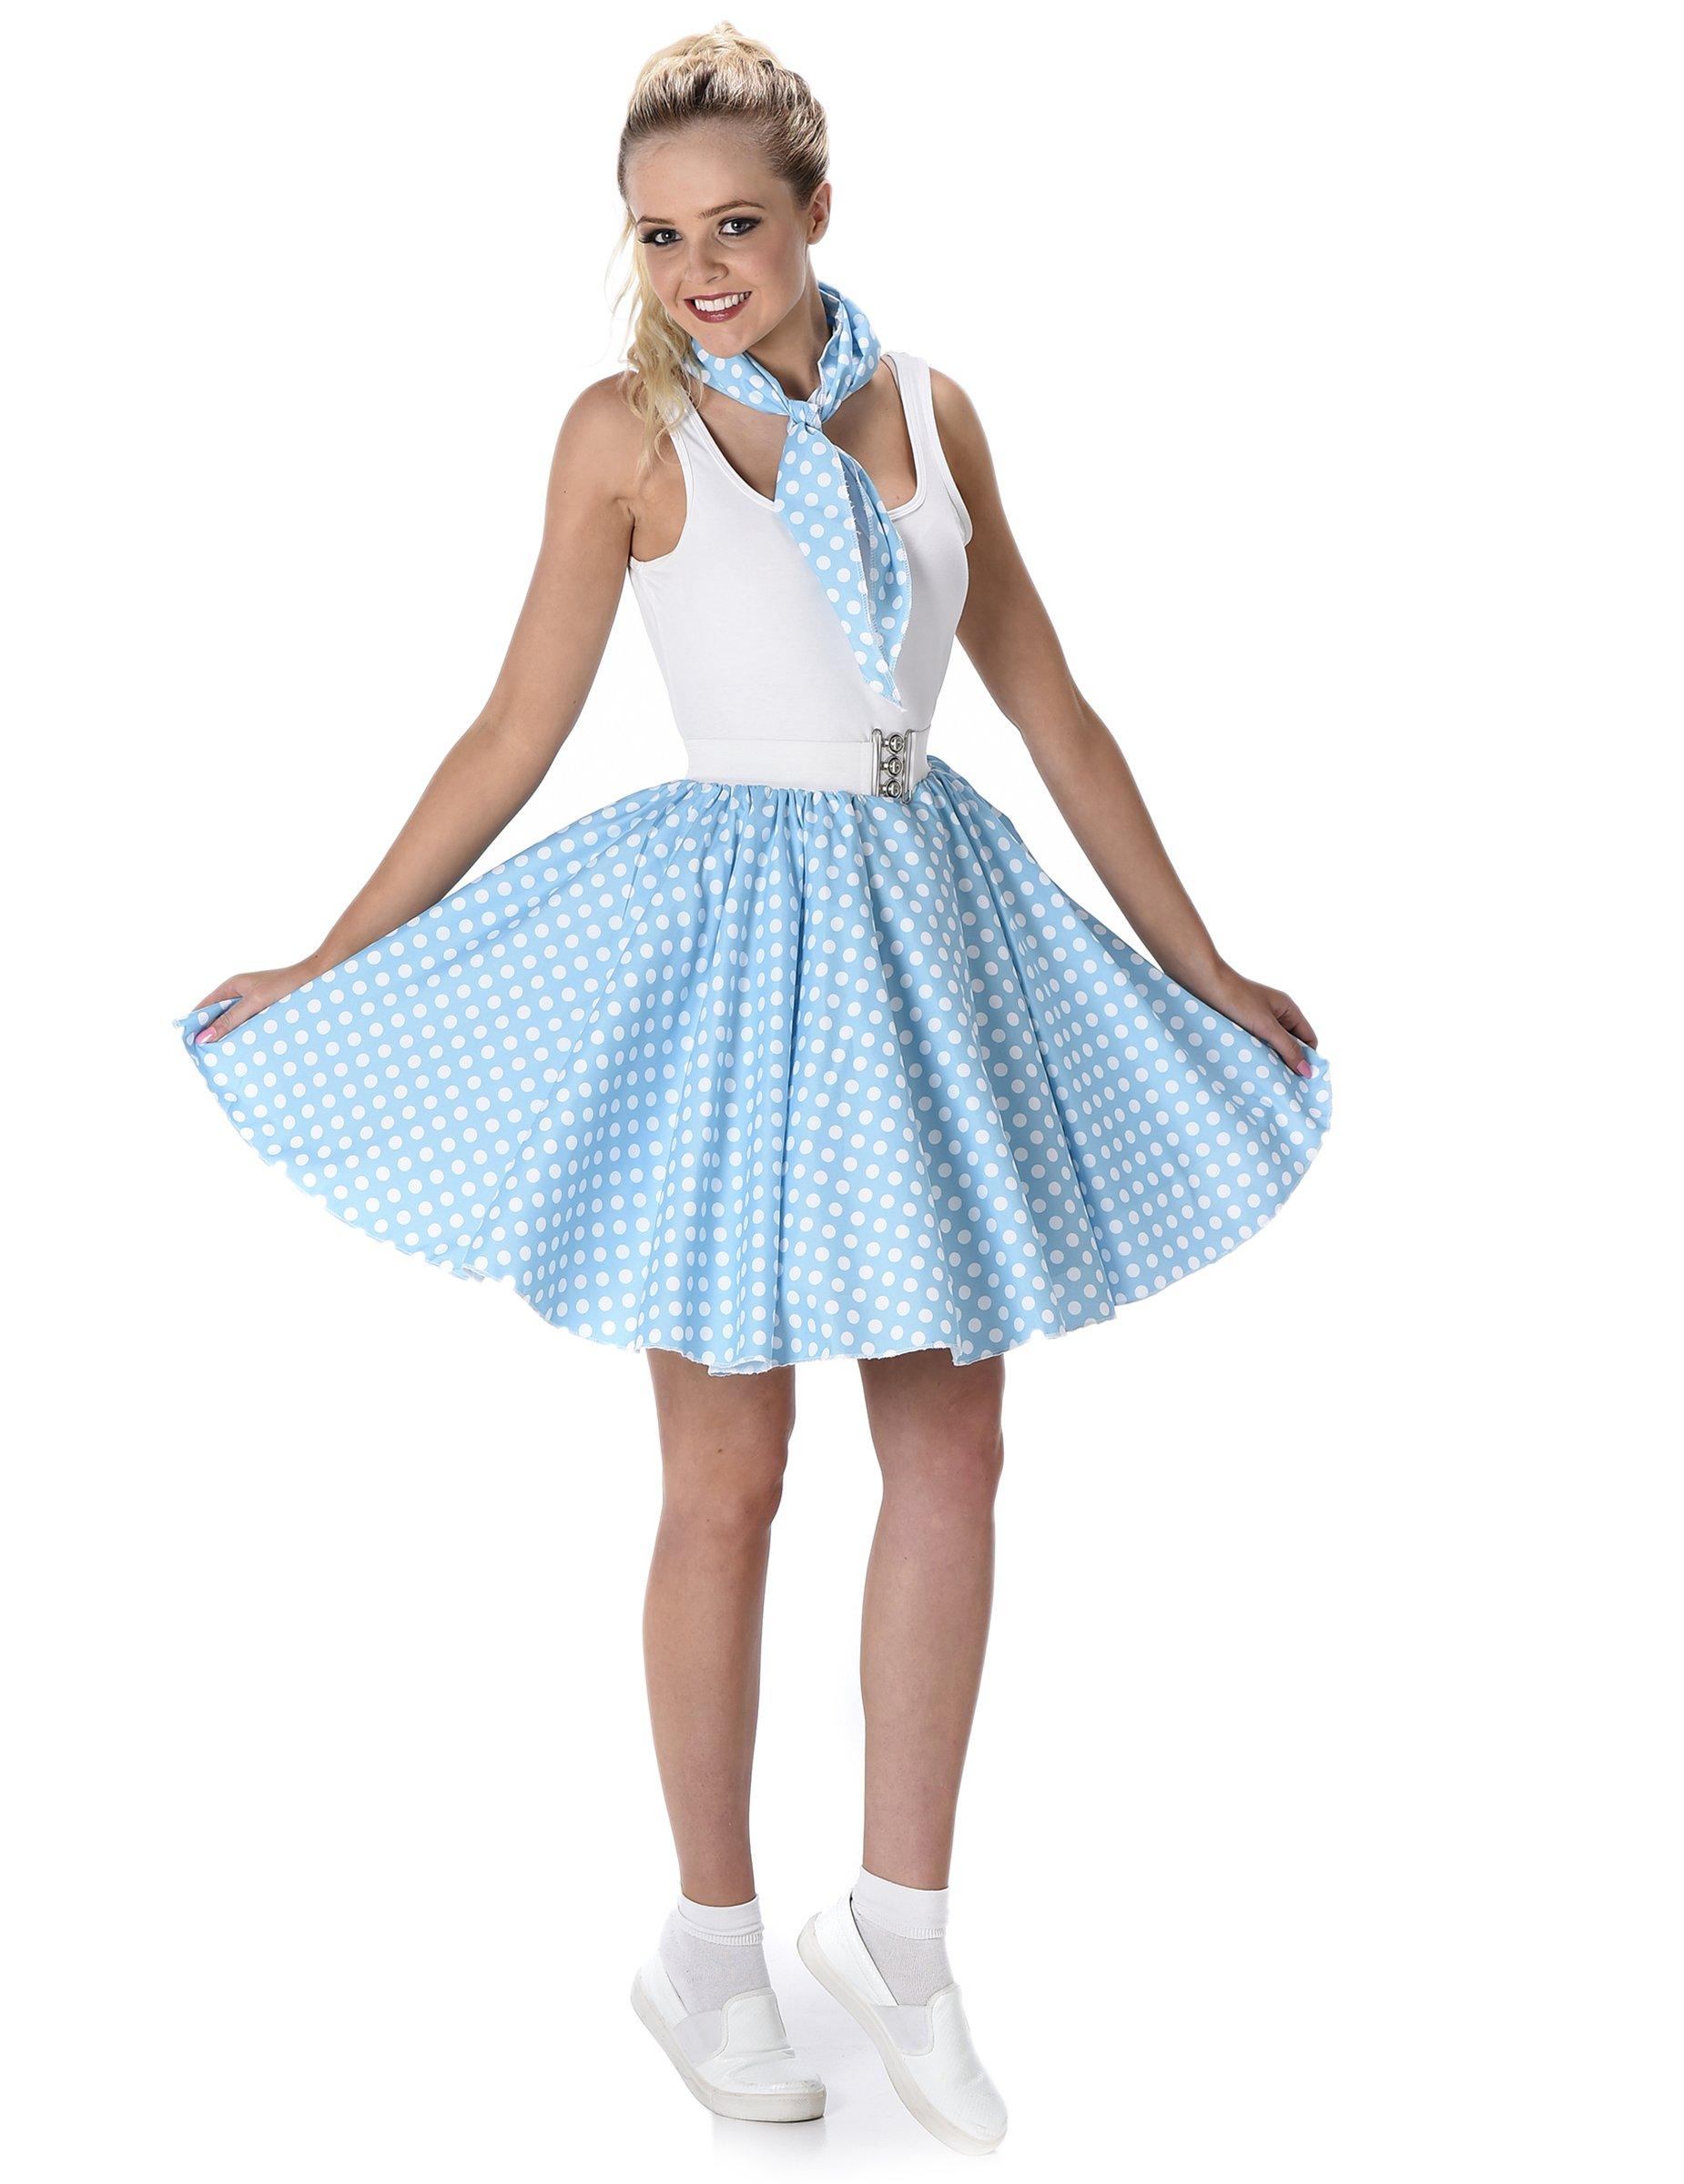 Favorito Costume anni 50' blu a pois donna: Costumi adulti,e vestiti di  KA81